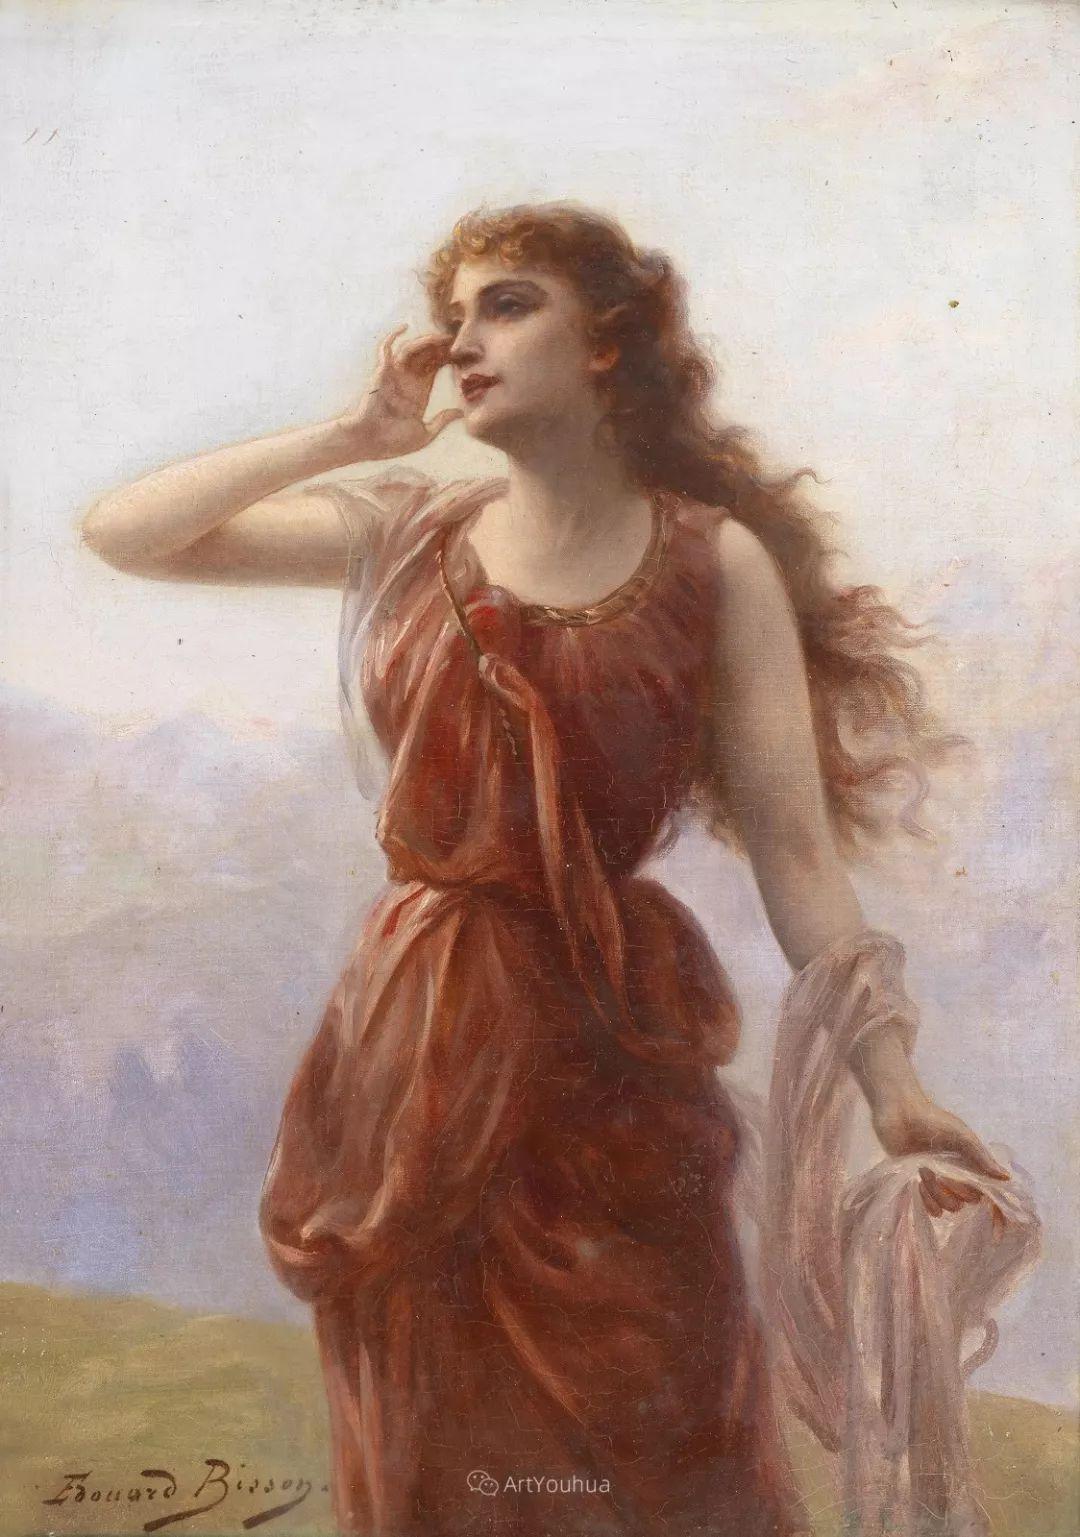 法国画家油画中的仙女,身披薄纱,性感迷人!插图15